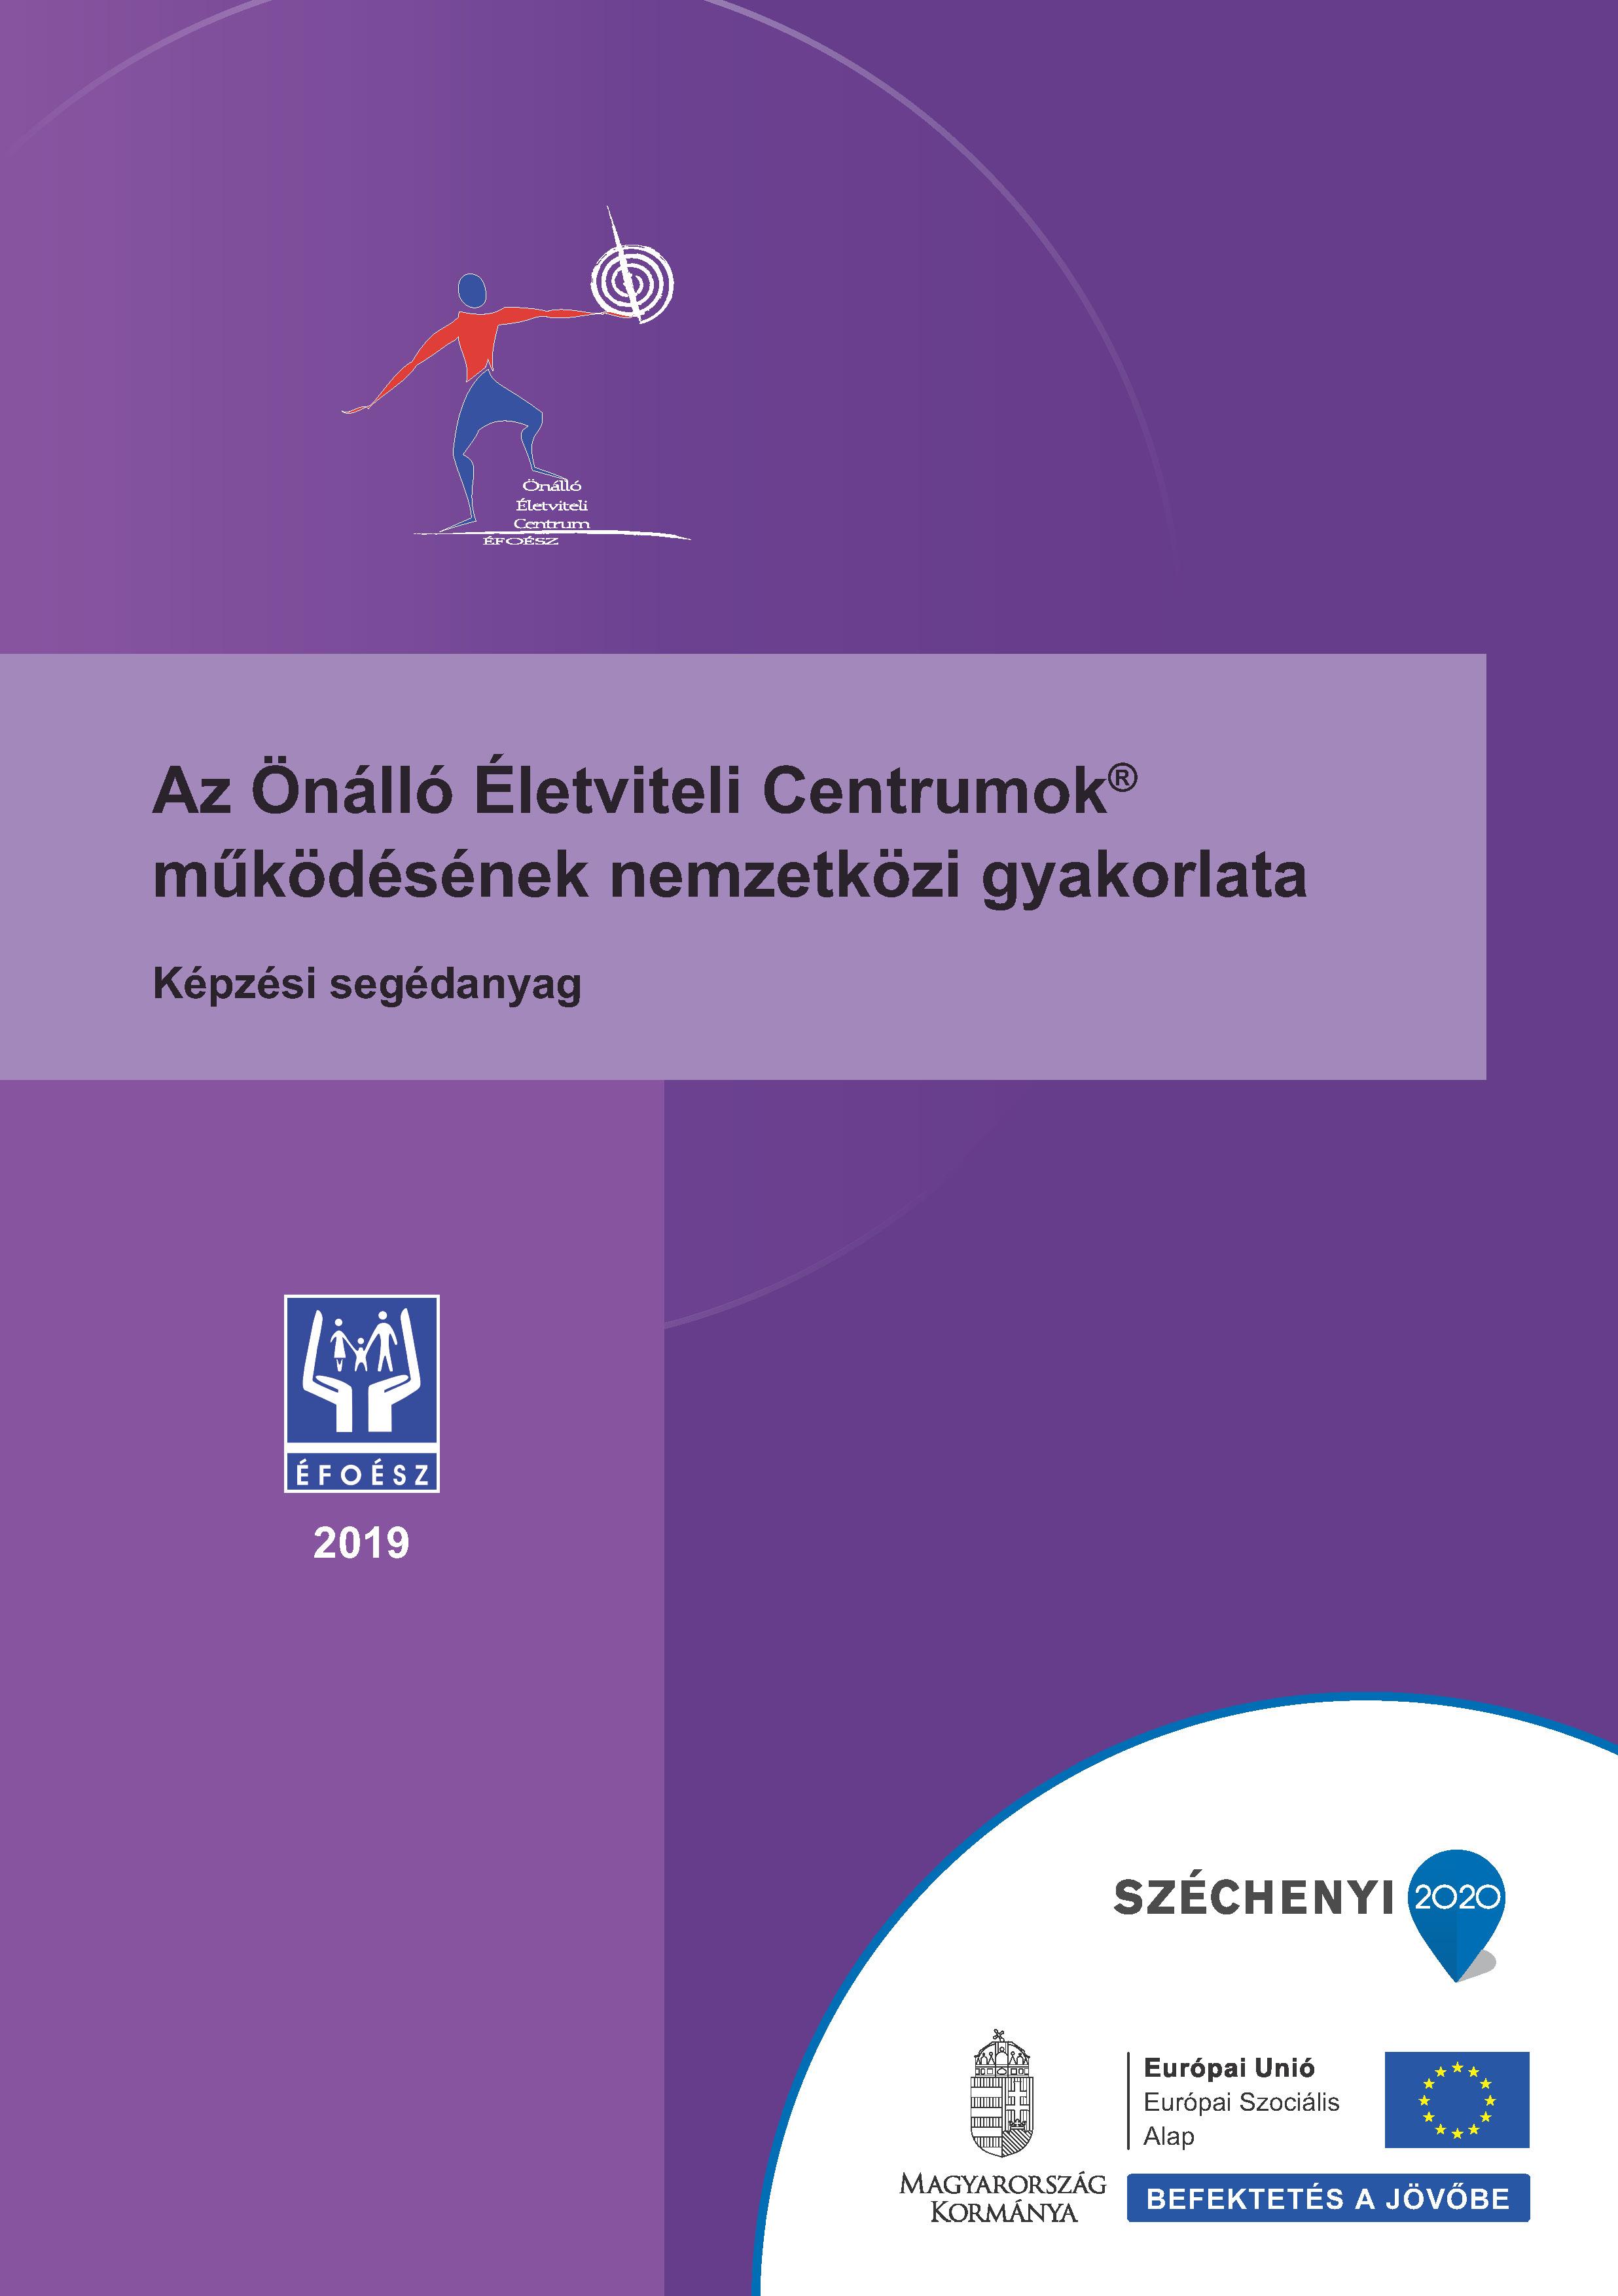 Az Önálló Életviteli Centrumok® működésének nemzetközi gyakorlata